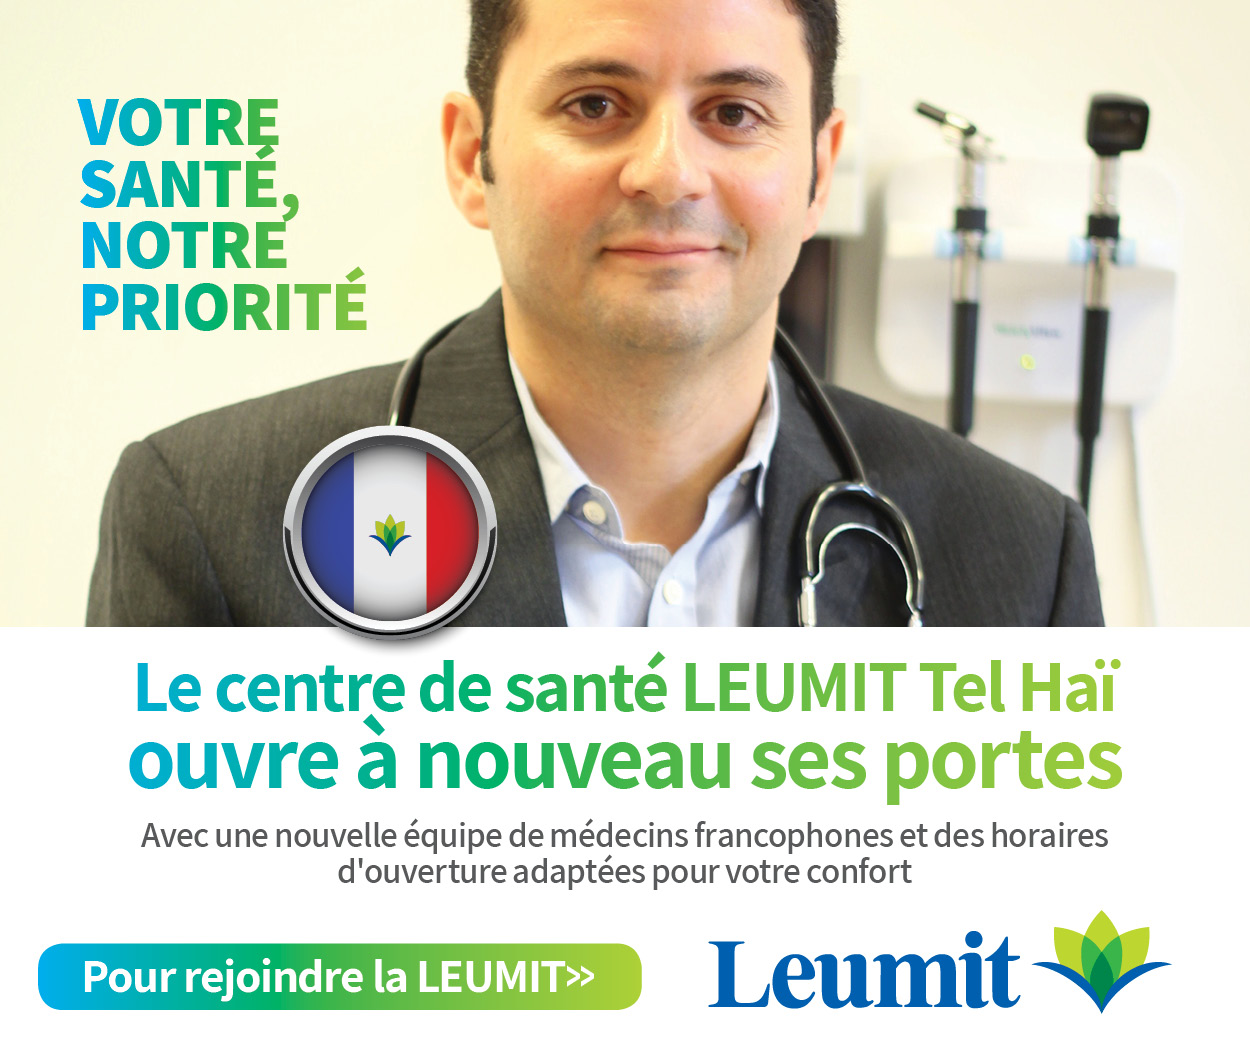 Leumit Tel Hai